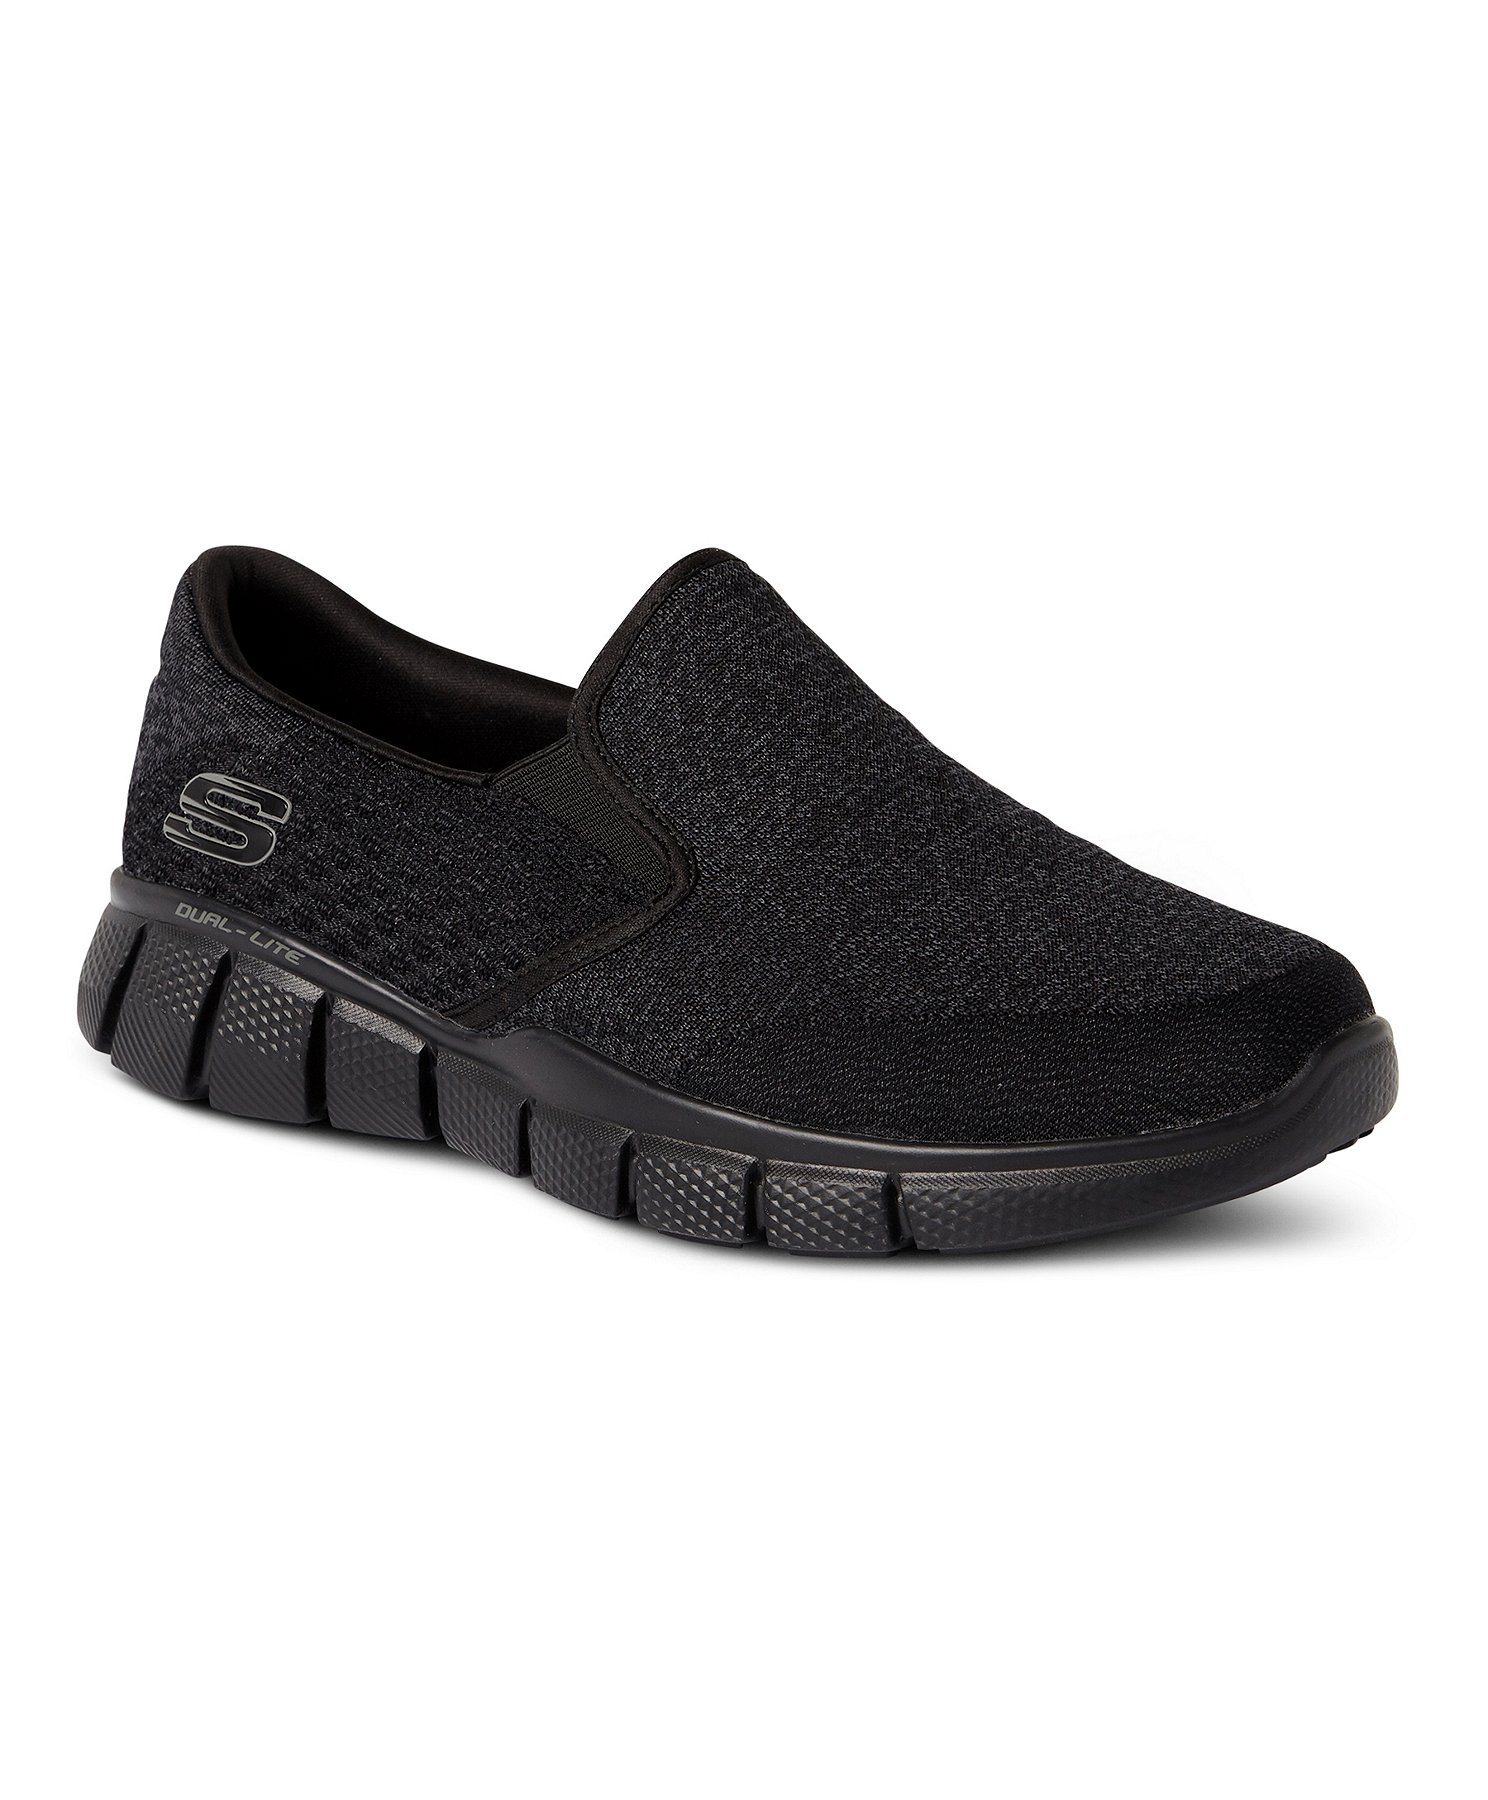 skechers 26, Skechers Casual, Sport & Dress Shoes